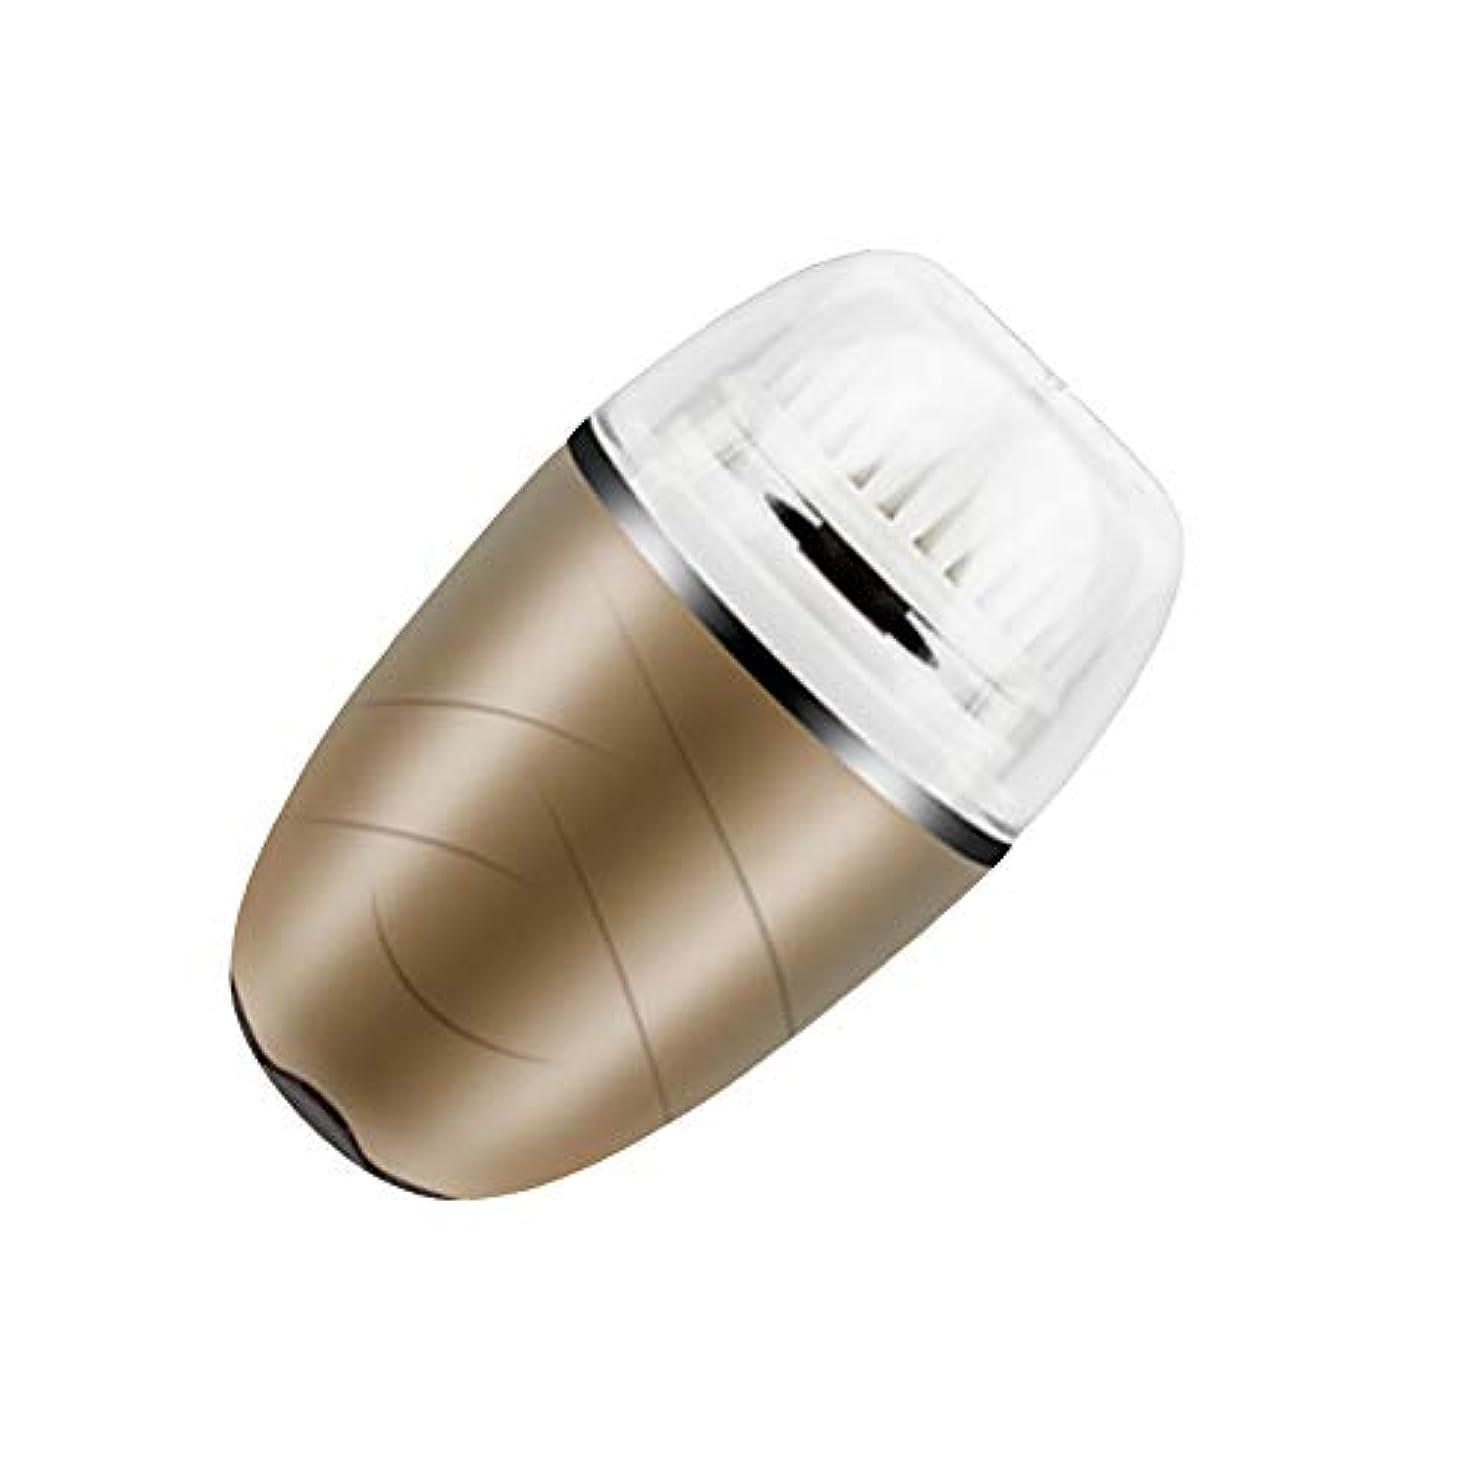 ナサニエル区川ジャニス洗顔ブラシ、電動ソニックフェイスブラシ振動顔クレンジングシステム防水ブラシにきびエクスフォリエーター USB 充電式,Gold